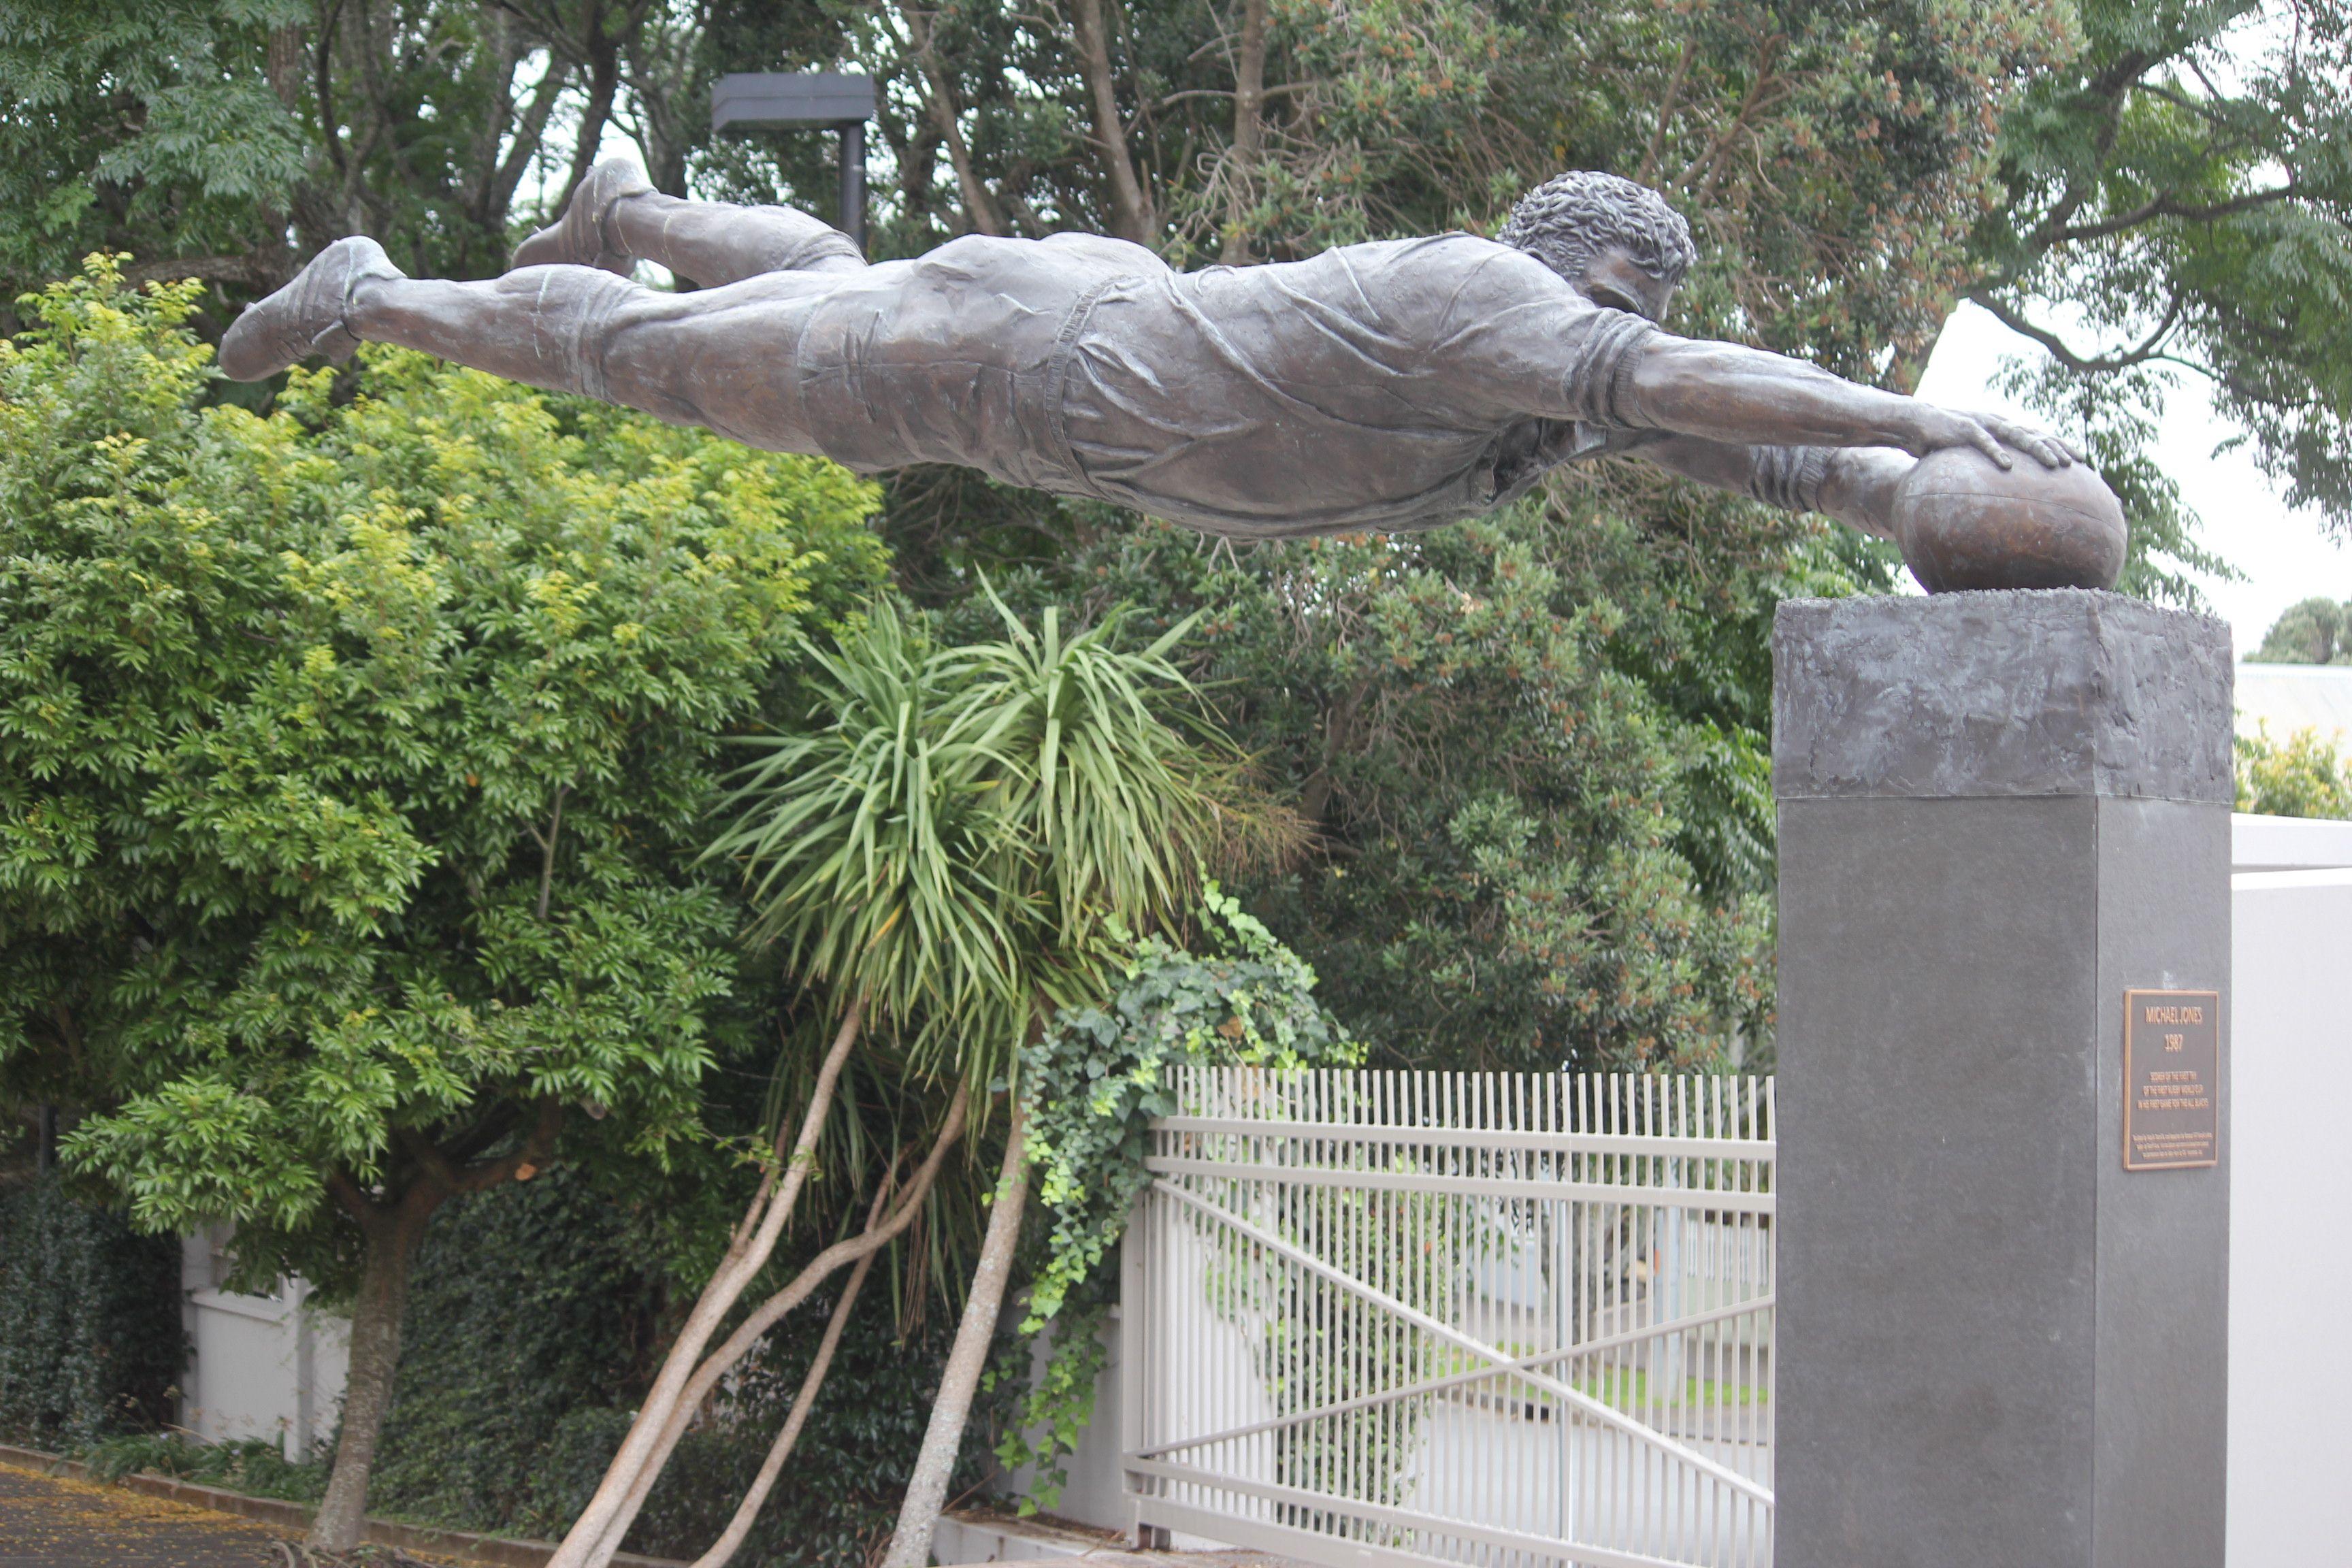 Michael jones statue eden park auckland new zealand - University of auckland swimming pool ...